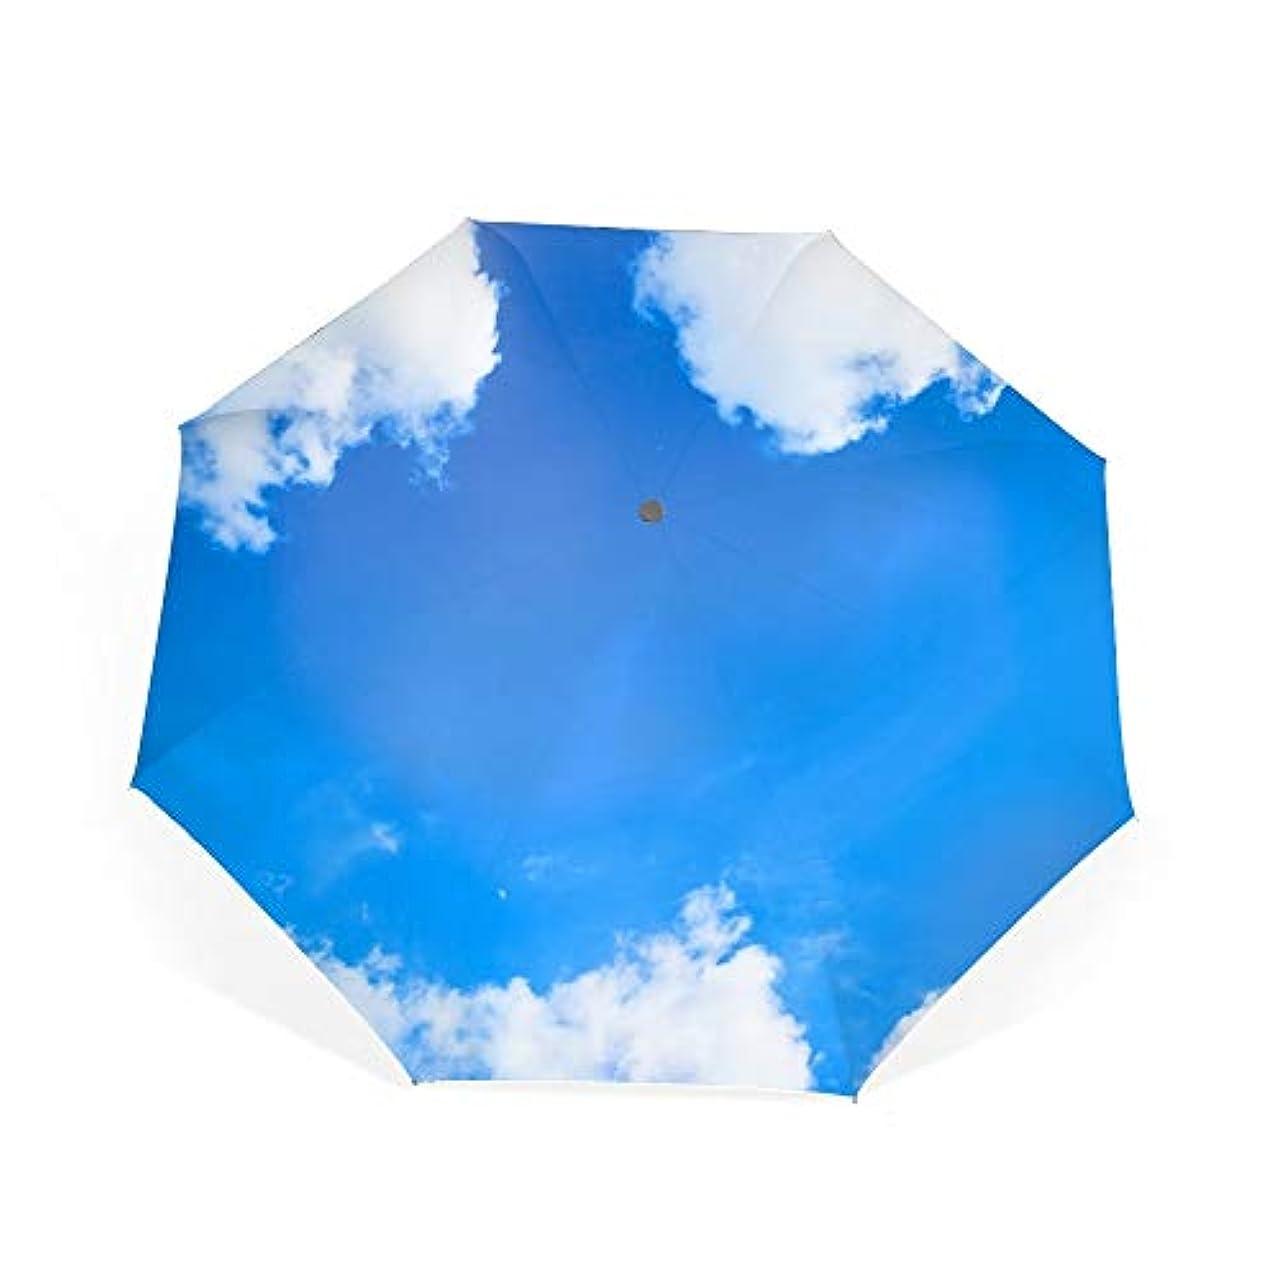 に賛成次へチェスをする日傘 100%遮光 折りたたみ傘 UV カット 紫外線対策 軽量 小型 女性 8本骨 遮熱 撥水 涼しい 可愛い お洒落 高密度PG布 晴雨兼用 男女兼用 青い空白い雲空